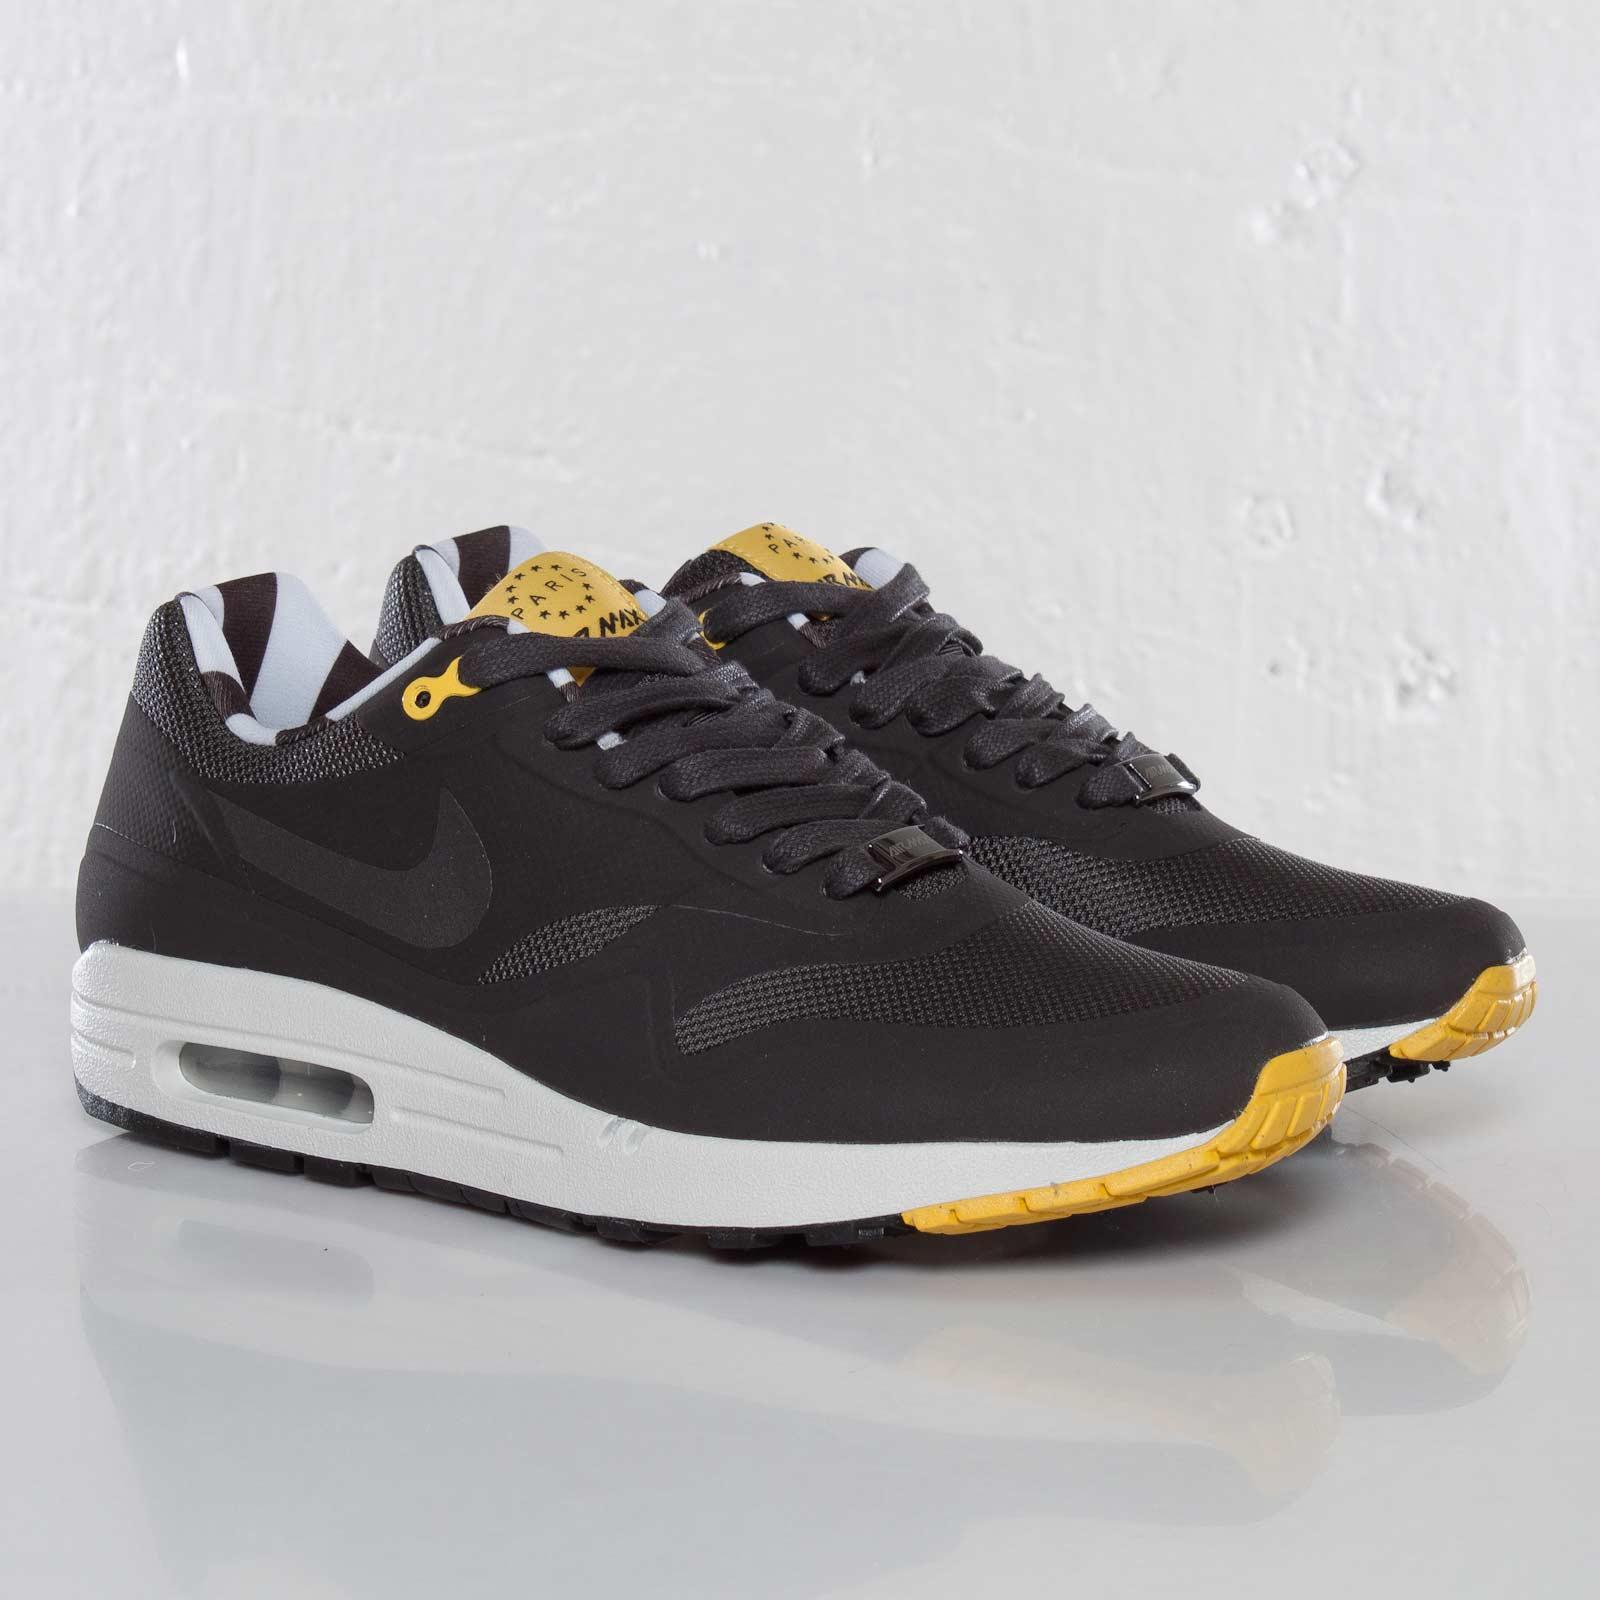 online store 215b9 d2d72 Nike Air Max 1 Paris QS